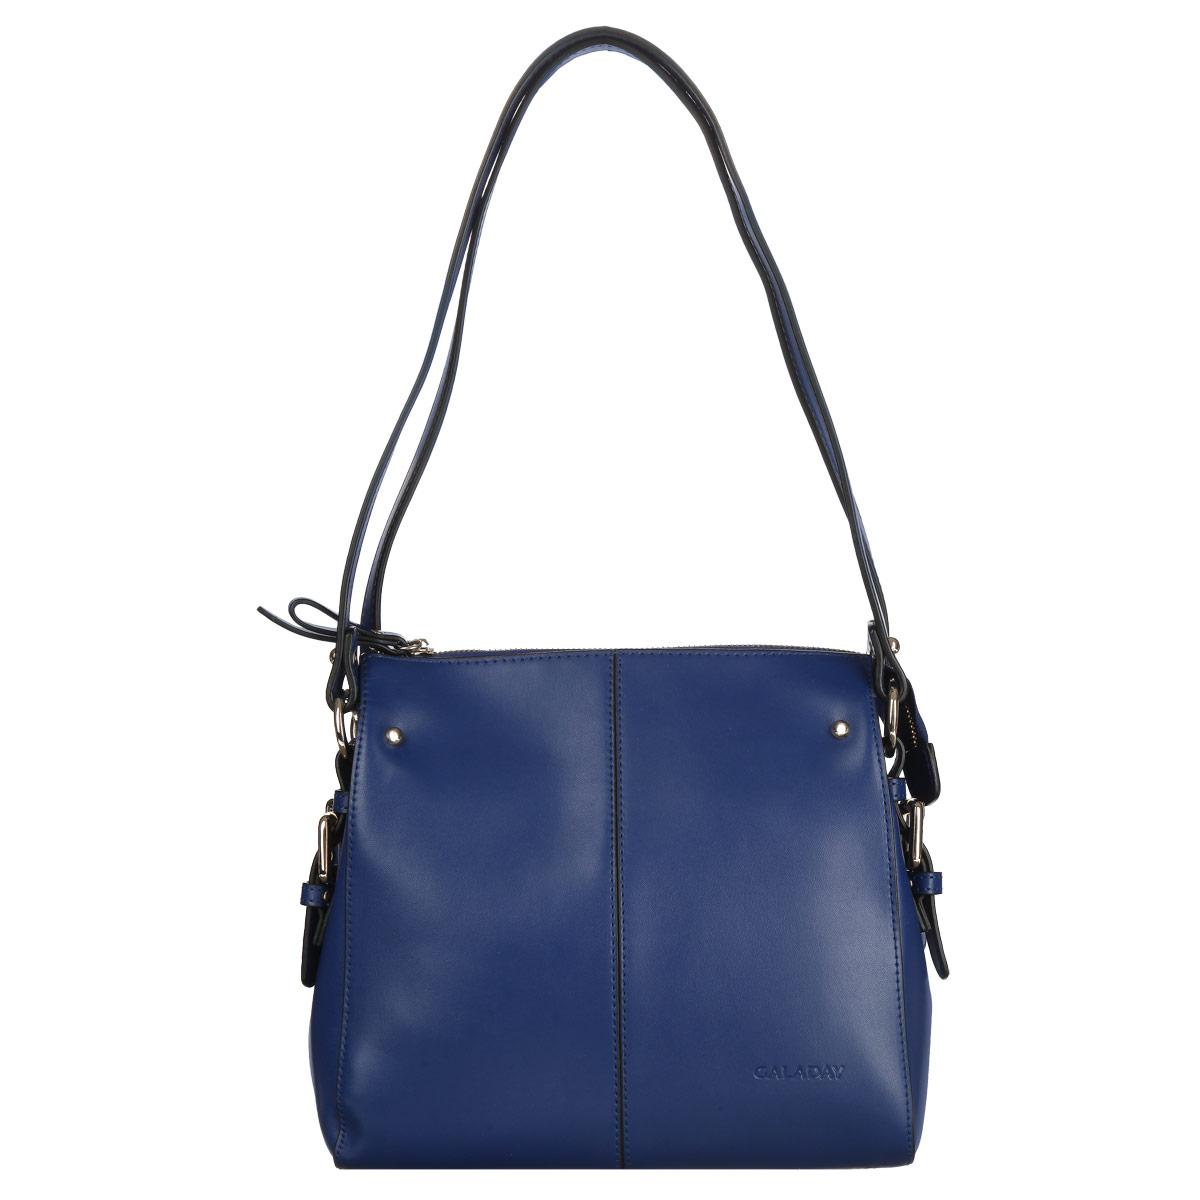 Сумка женская Galaday, цвет: синий. GD4140QGD4140QСтильная женская сумка Galaday, изготовленная из натуральной кожи, неотъемлемый атрибут любой современной женщины. Удобные ручки в виде двух ремешков оформлены металлическими элементами у основания, прочно крепятся к корпусу сумки и позволяют носить сумку как в руке, так и на плече. Изделие закрывается на металлическую застежку-молнию. Внутреннее отделение, разделенное средником на молнии, содержит карман для мобильного телефона и врезной карман на застежке-молнии. Модель дополняют стальные кнопки. Дно защищено от повреждений металлическими ножками. Фурнитура золотого цвета. Сумки Galaday запоминаются и делают ваш образ незабываемым. Продукция этого бренда женственна и элегантна, ее характеризуют романтизм и яркость. Изделие упаковано в фирменный чехол.